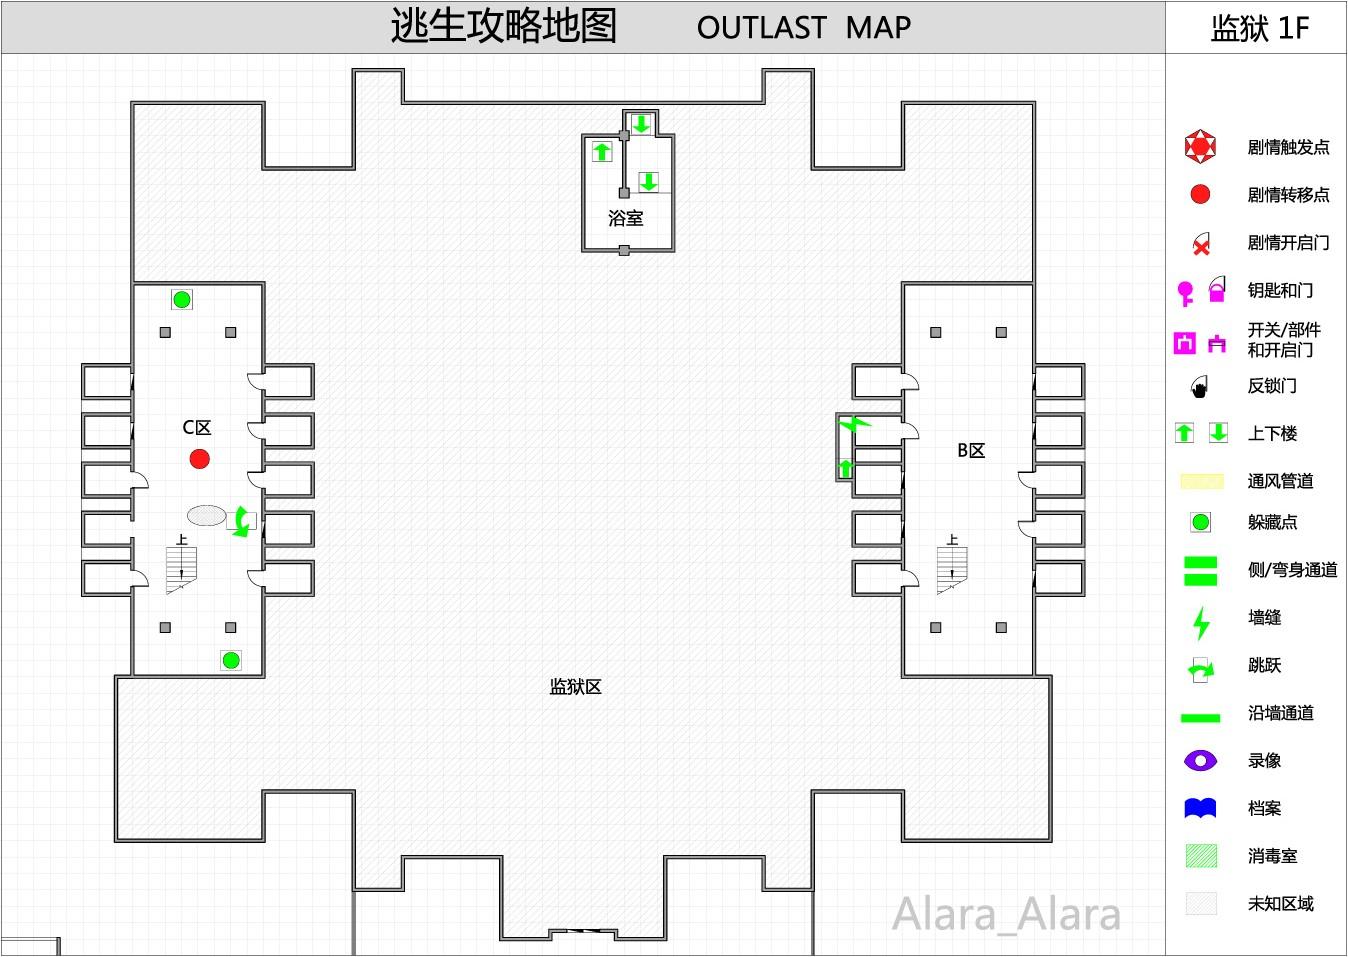 【逃生Outlast】攻略地图a攻略天才攻略v攻略图片